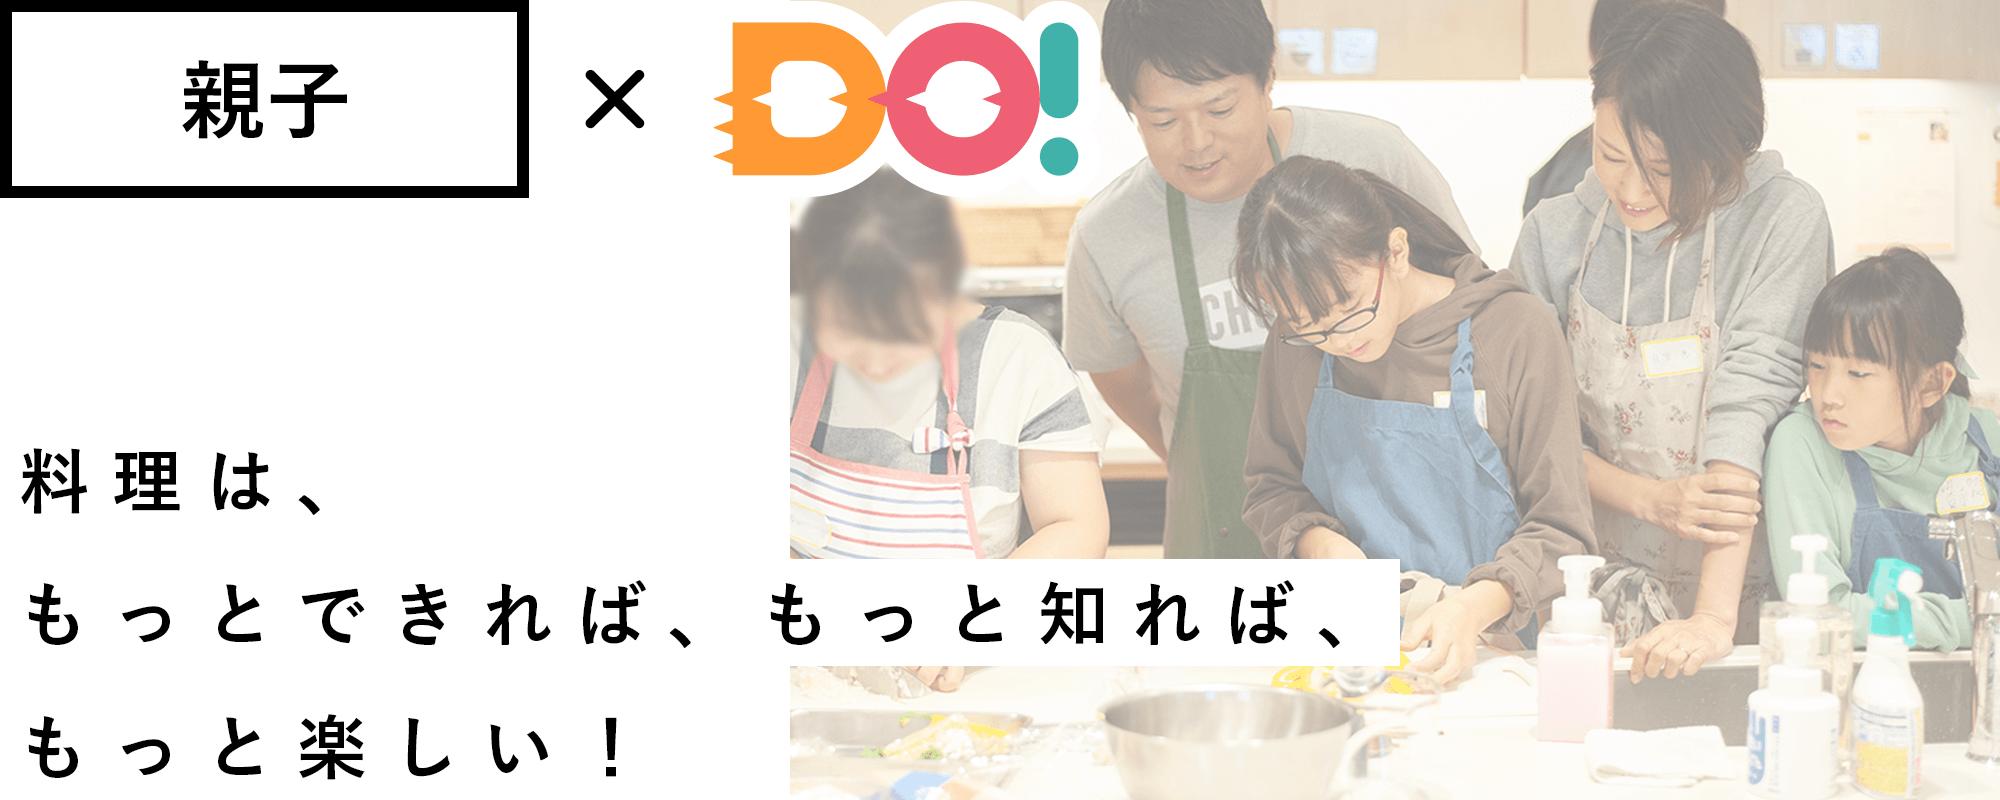 親子×Do!